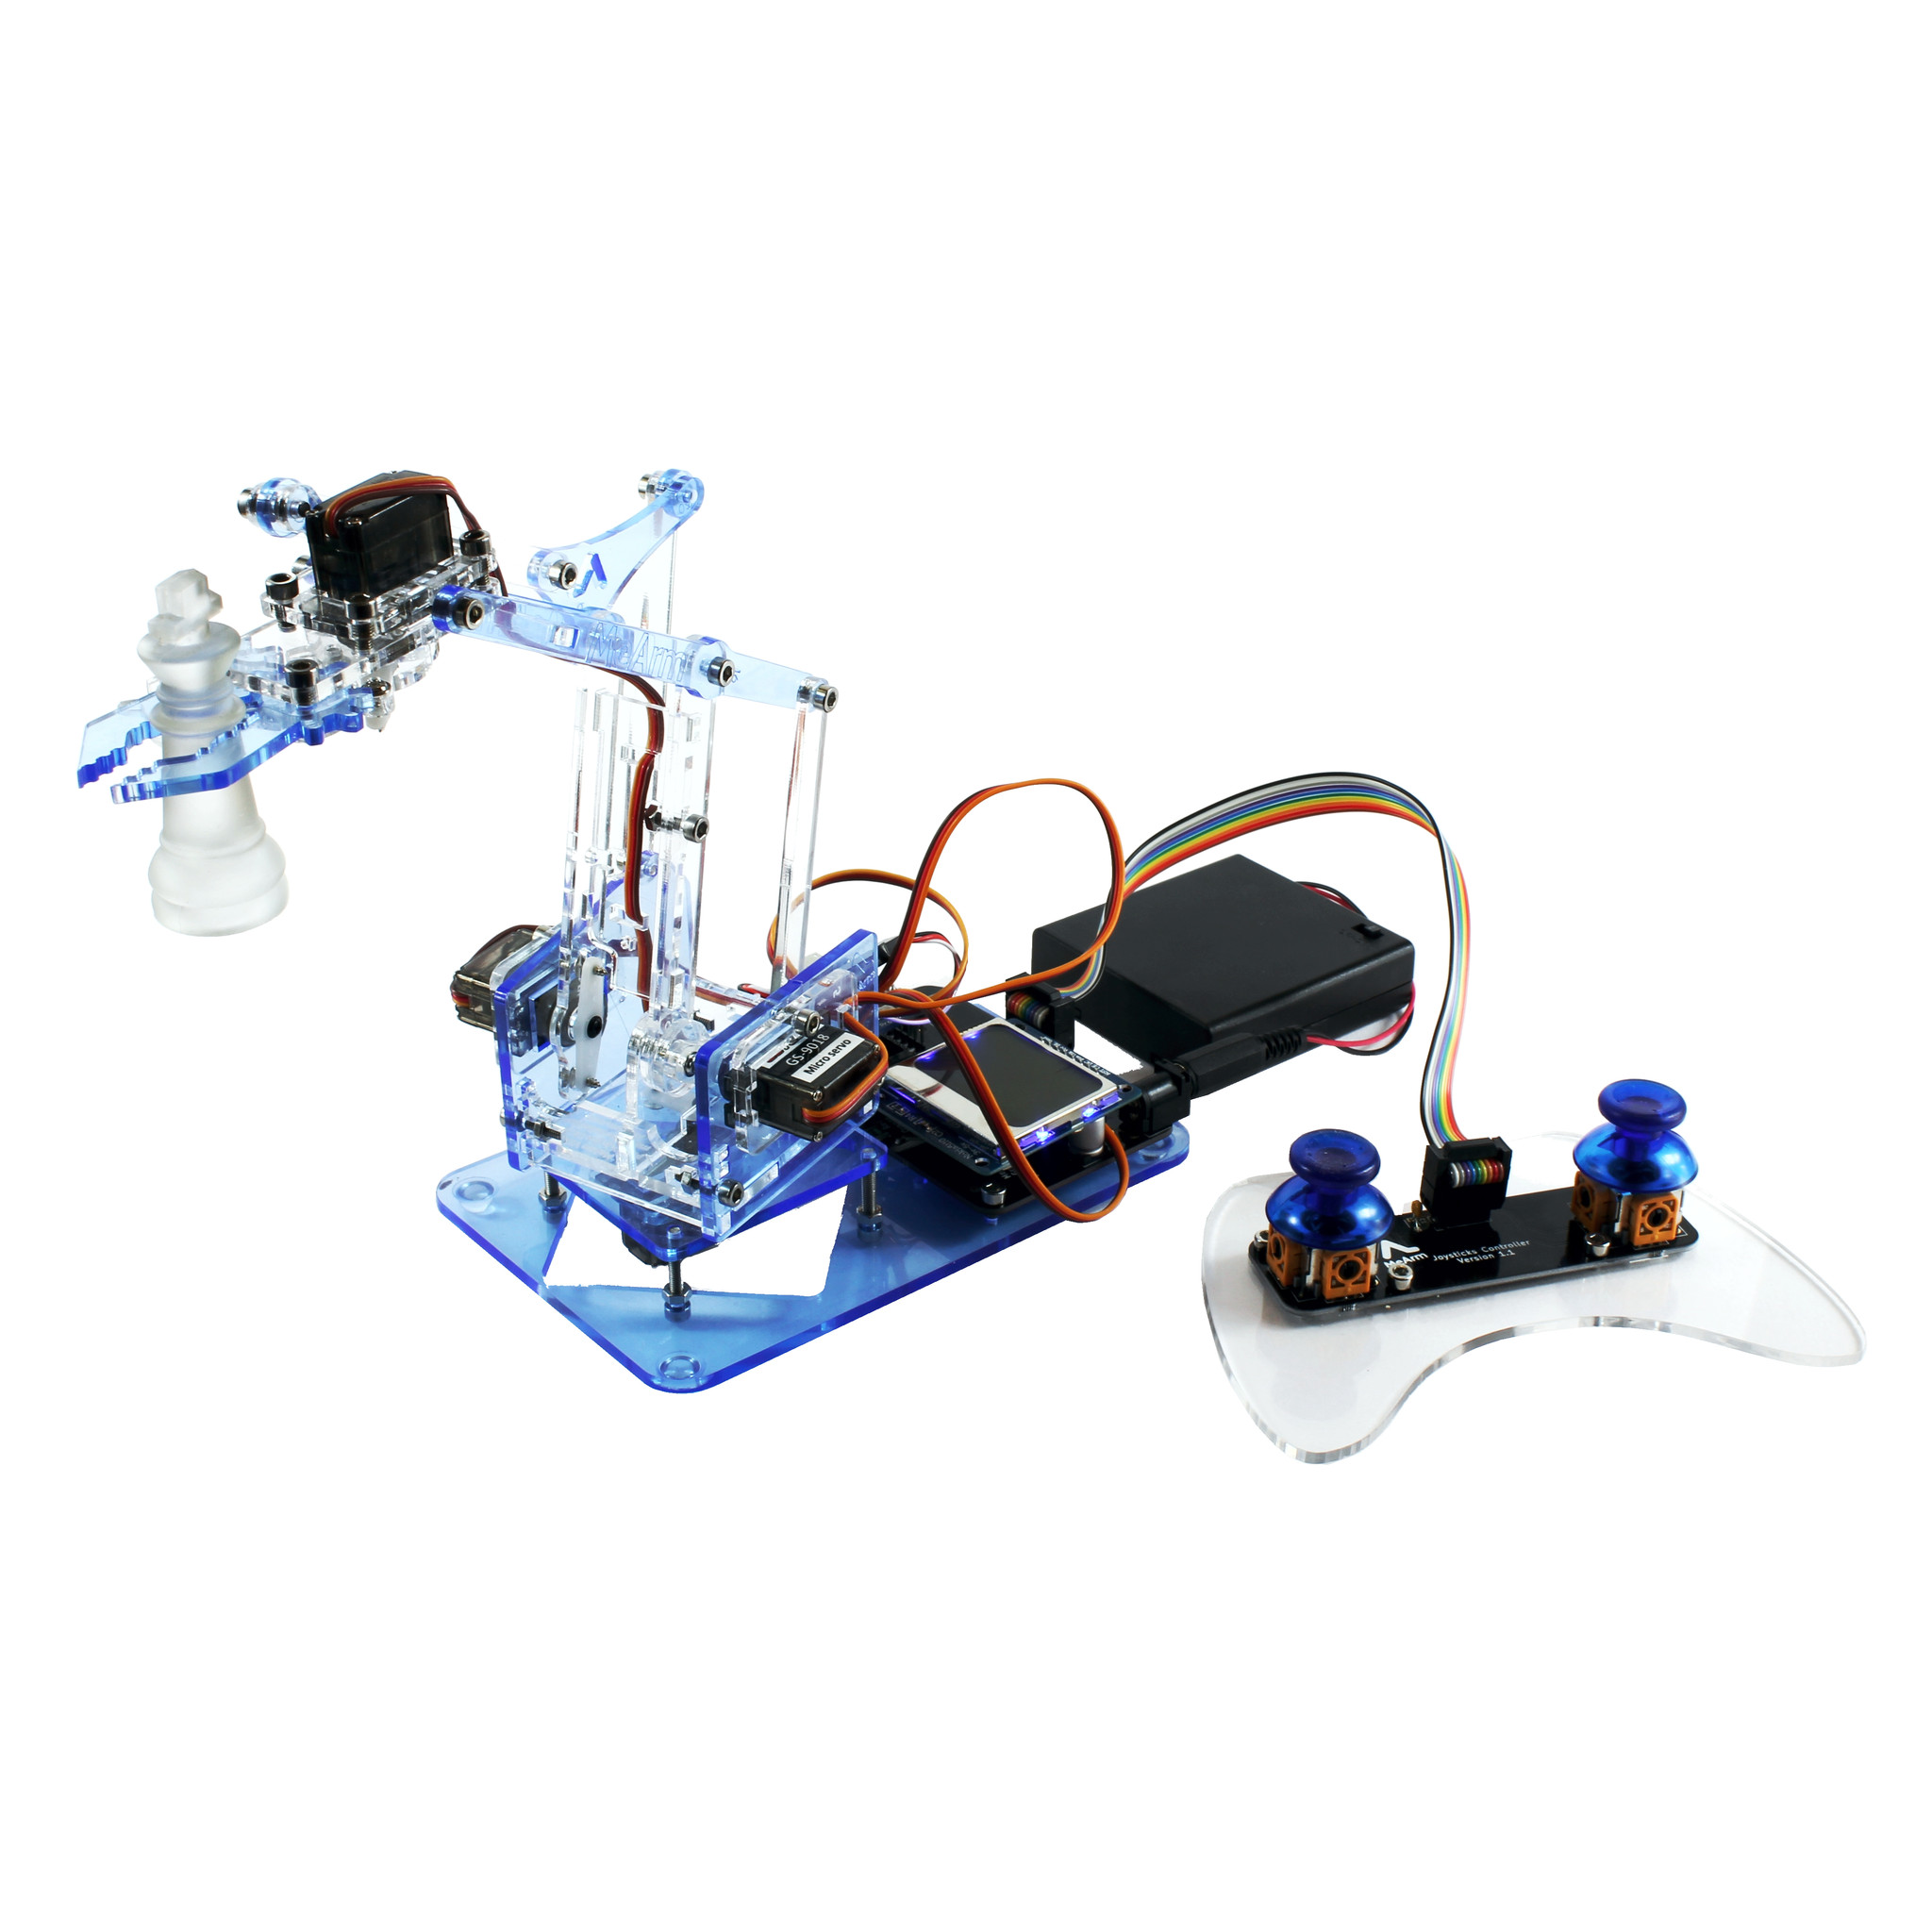 Robotic Arm Control from the BeagleBone Black Linuxcom